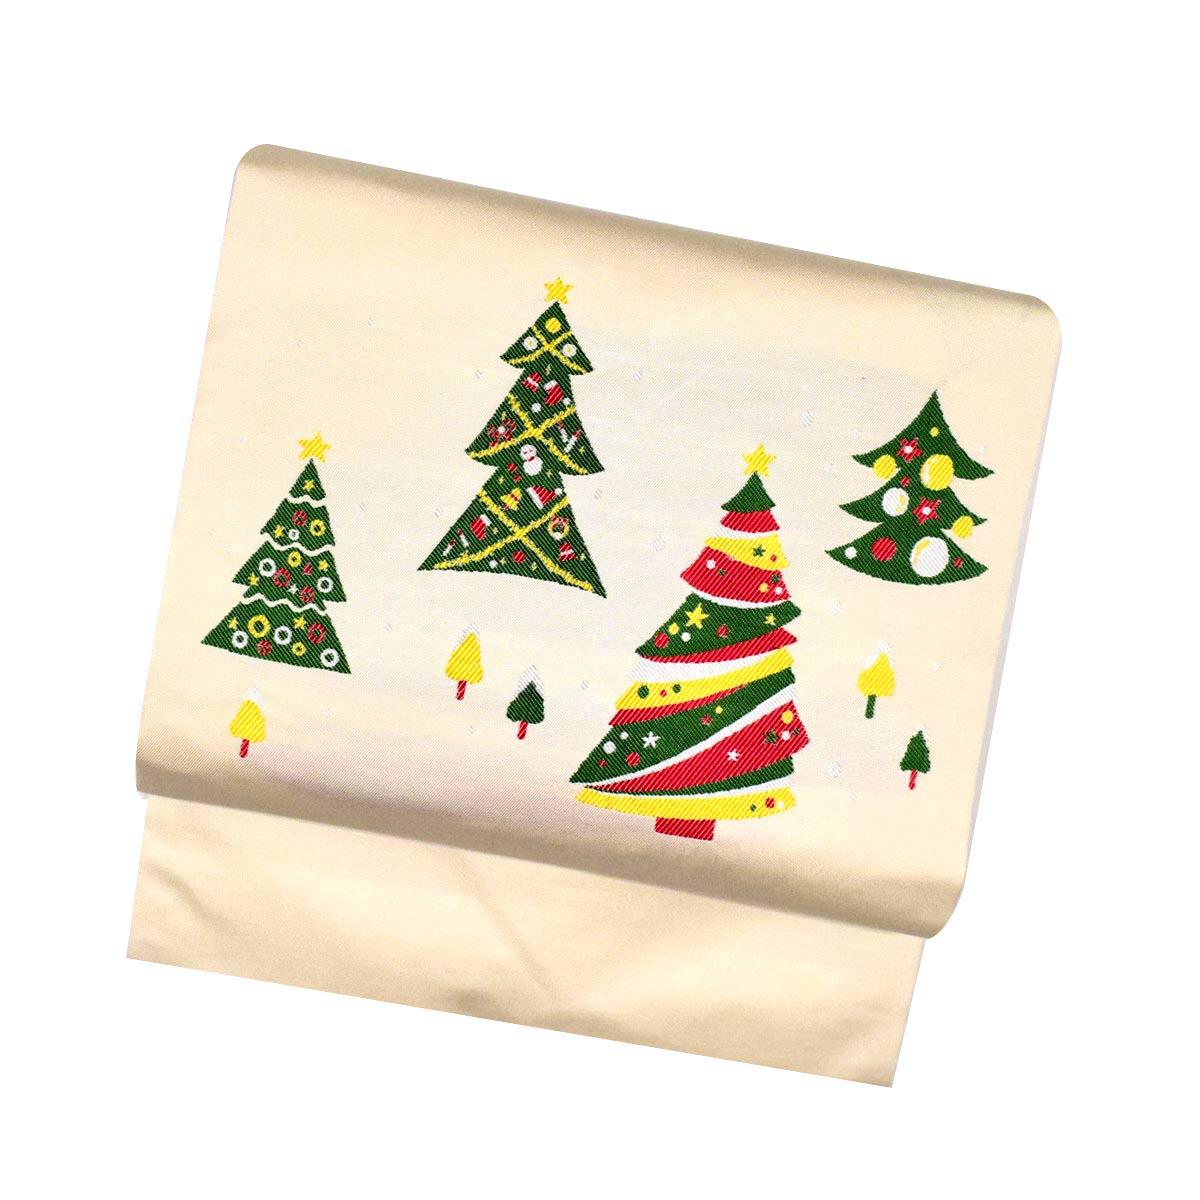 【クリスマスツリー柄】仕立て上がり 西陣織 名古屋帯【少々難あり】お洒落 クリスマス 白番号c1211-9